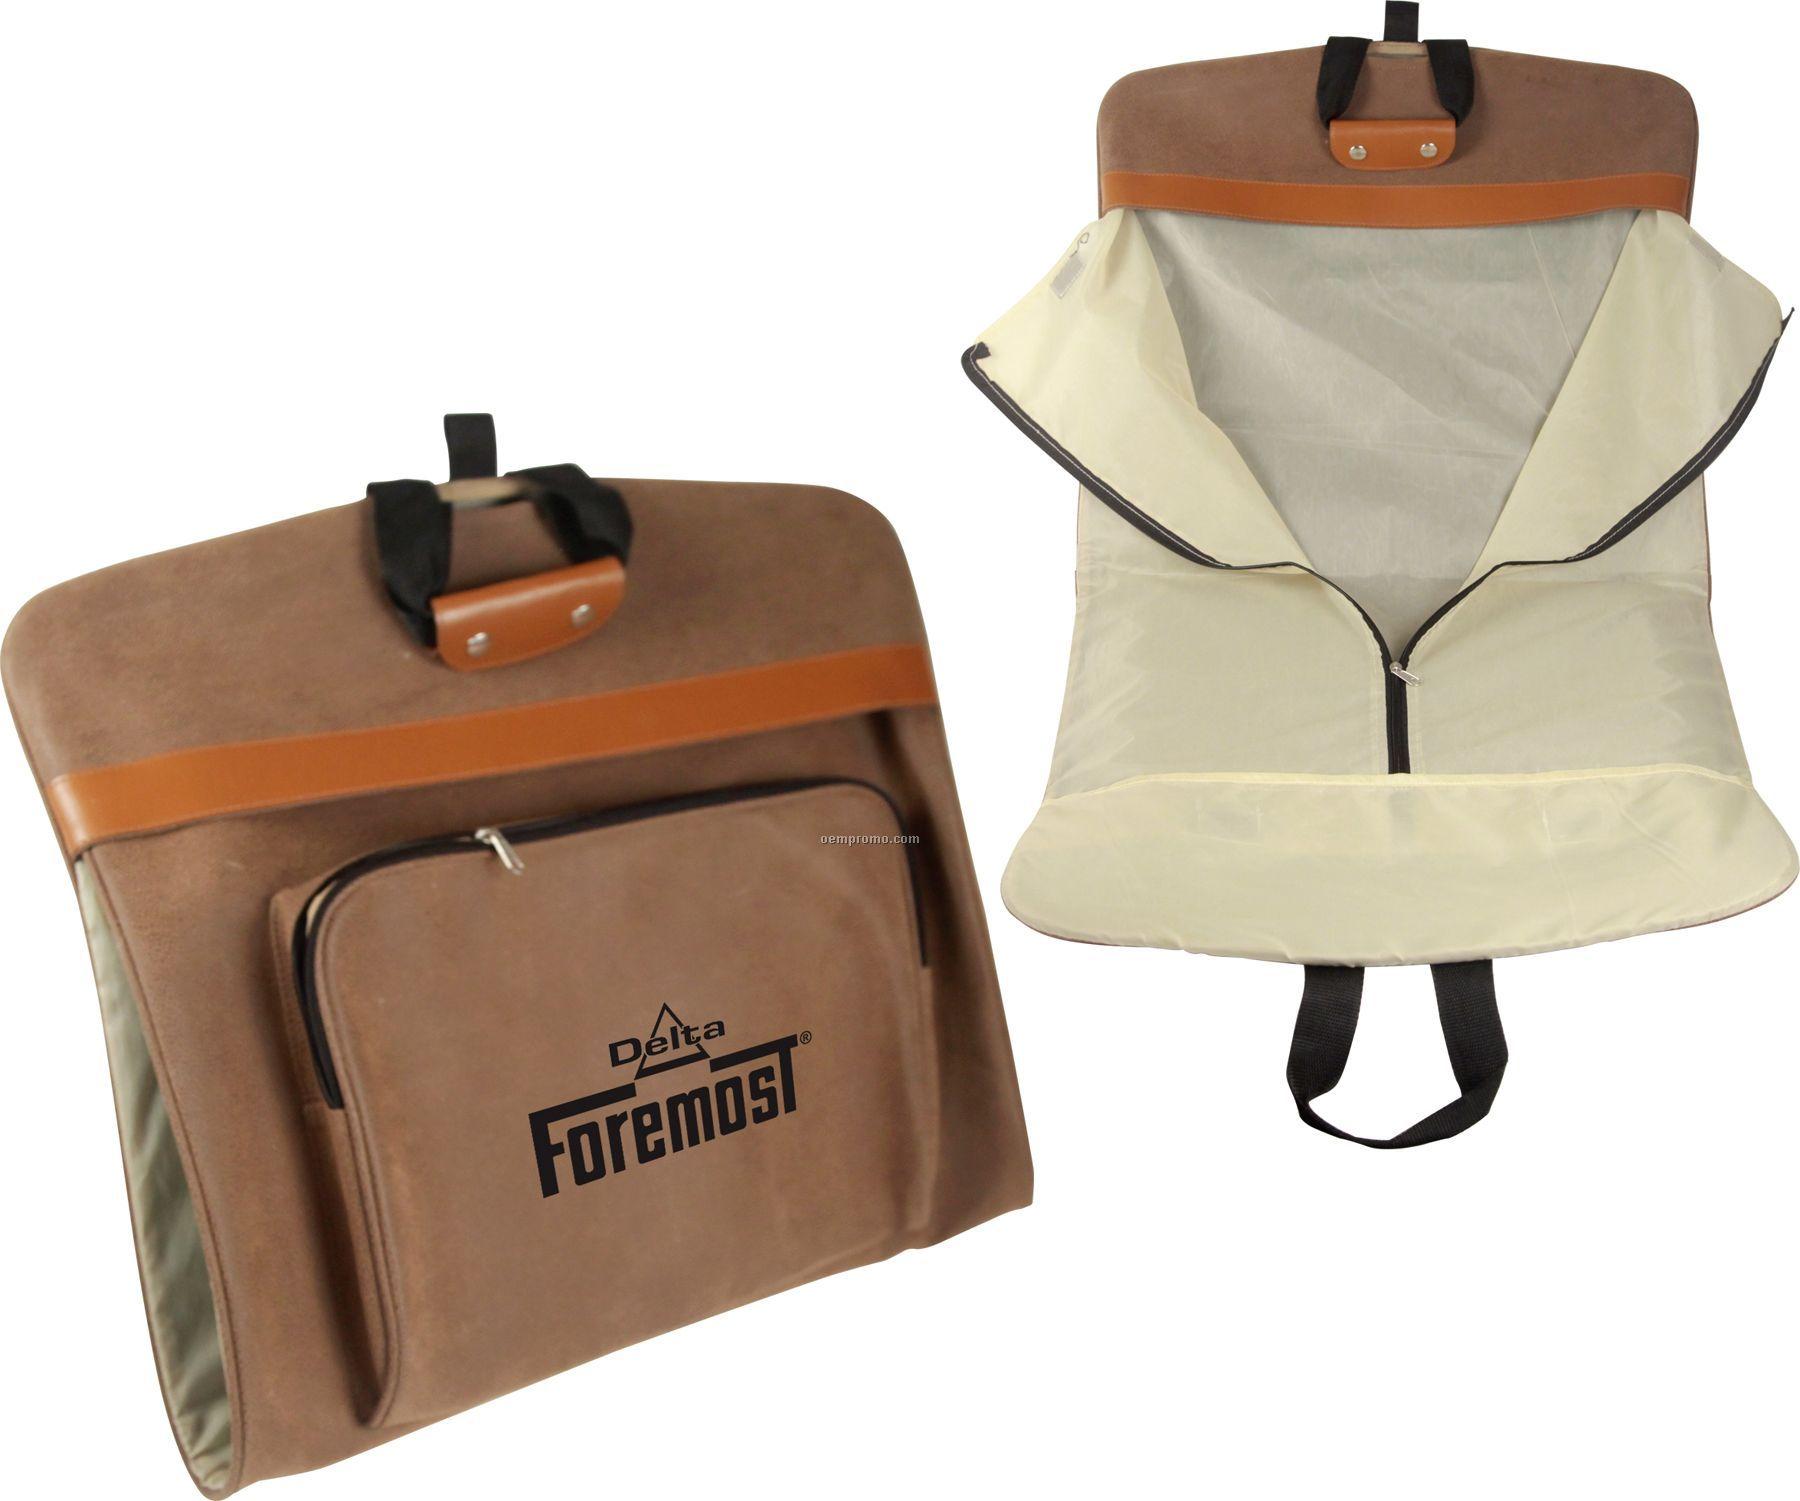 Embossed Garment Bag - Imprinted